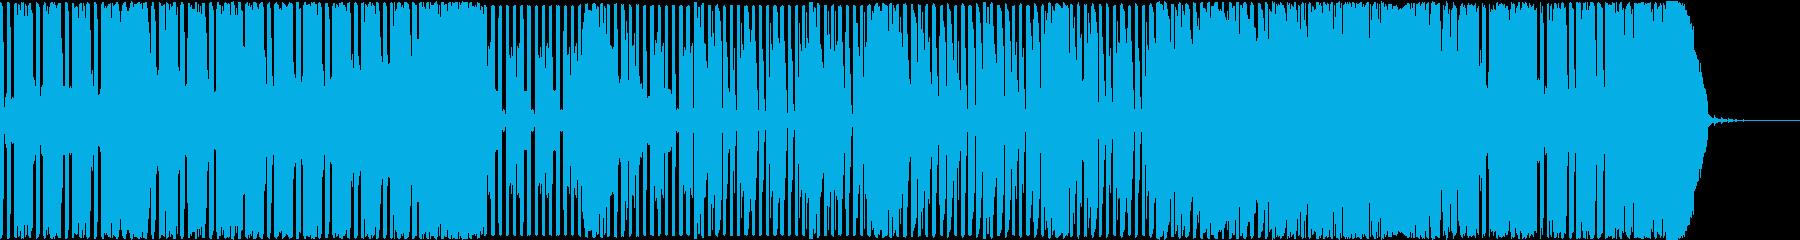 【EDM風】ゲームBGM、イベントCMの再生済みの波形